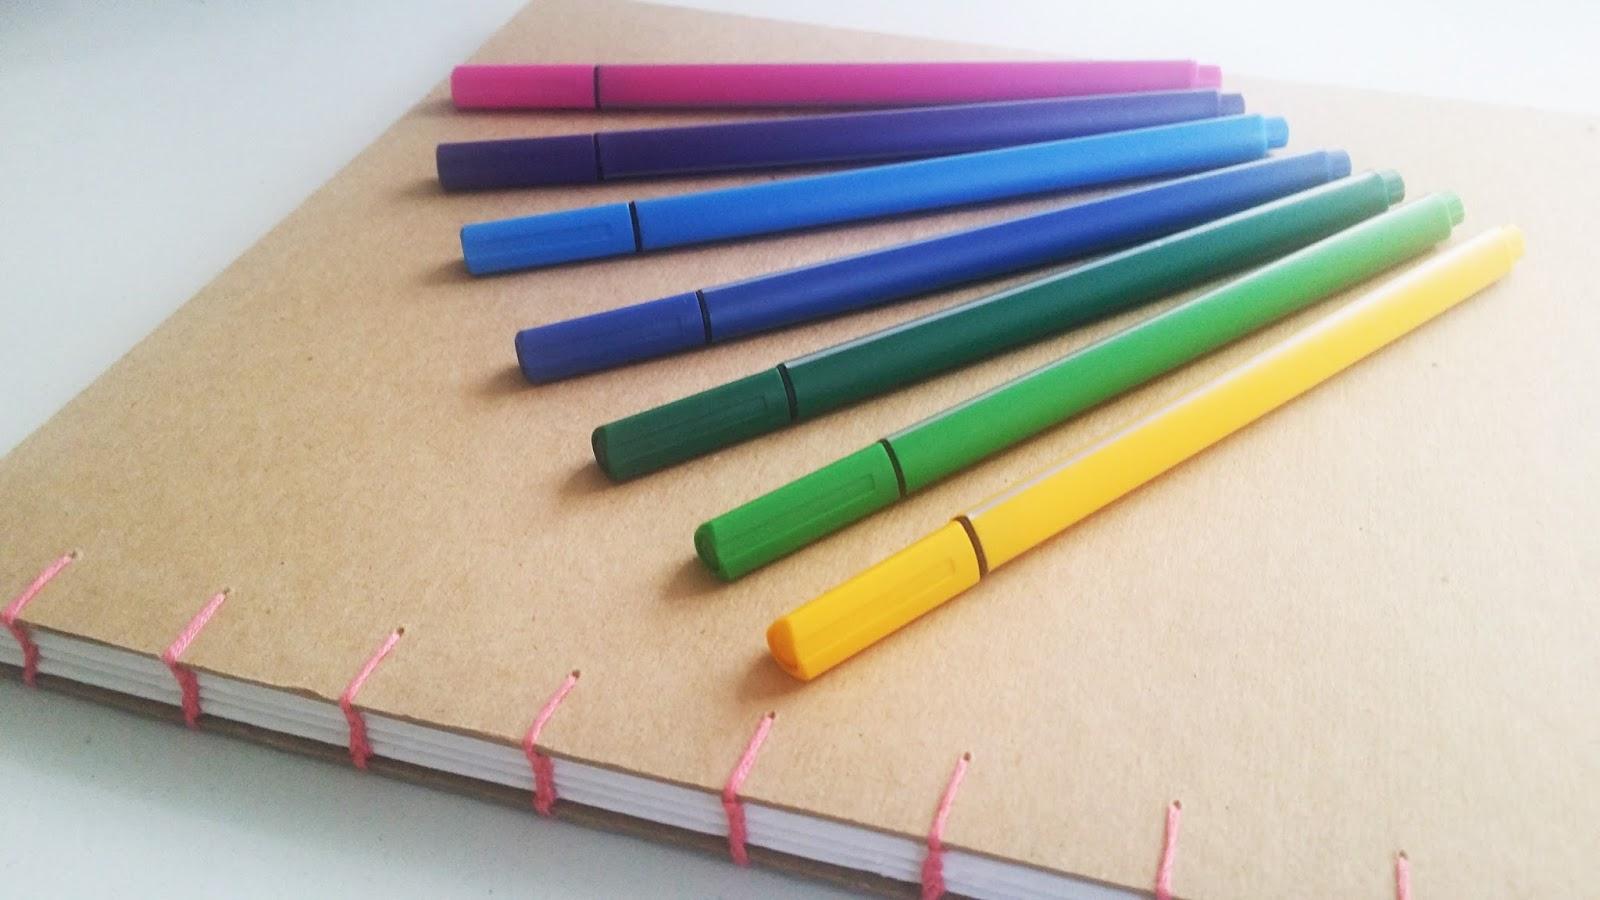 Madeheart Cuaderno De Dibujo Libreta Para Dibujar Hecho: Dibujando Con Delein: Como Hacer Una Libreta De Dibujo